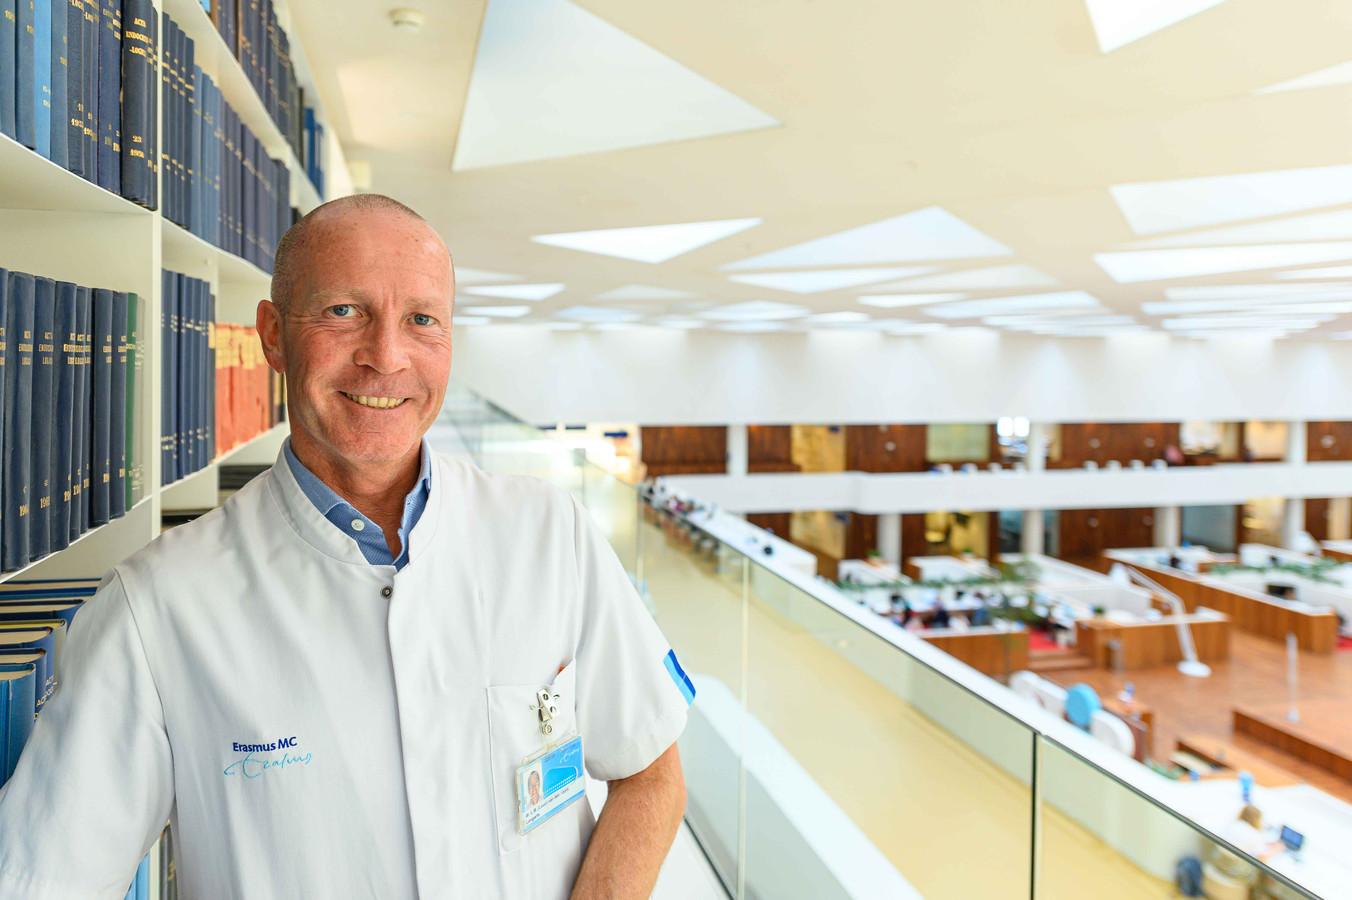 Longarts Leon van den Toorn, voorzitter van de Vereniging van Artsen voor Longziekten en Tuberculose (NVALT) en longarts in het Erasmus MC erkent dat de bewijslast voor de werking van de medicijnen tegen corona 'flinterdun' is.